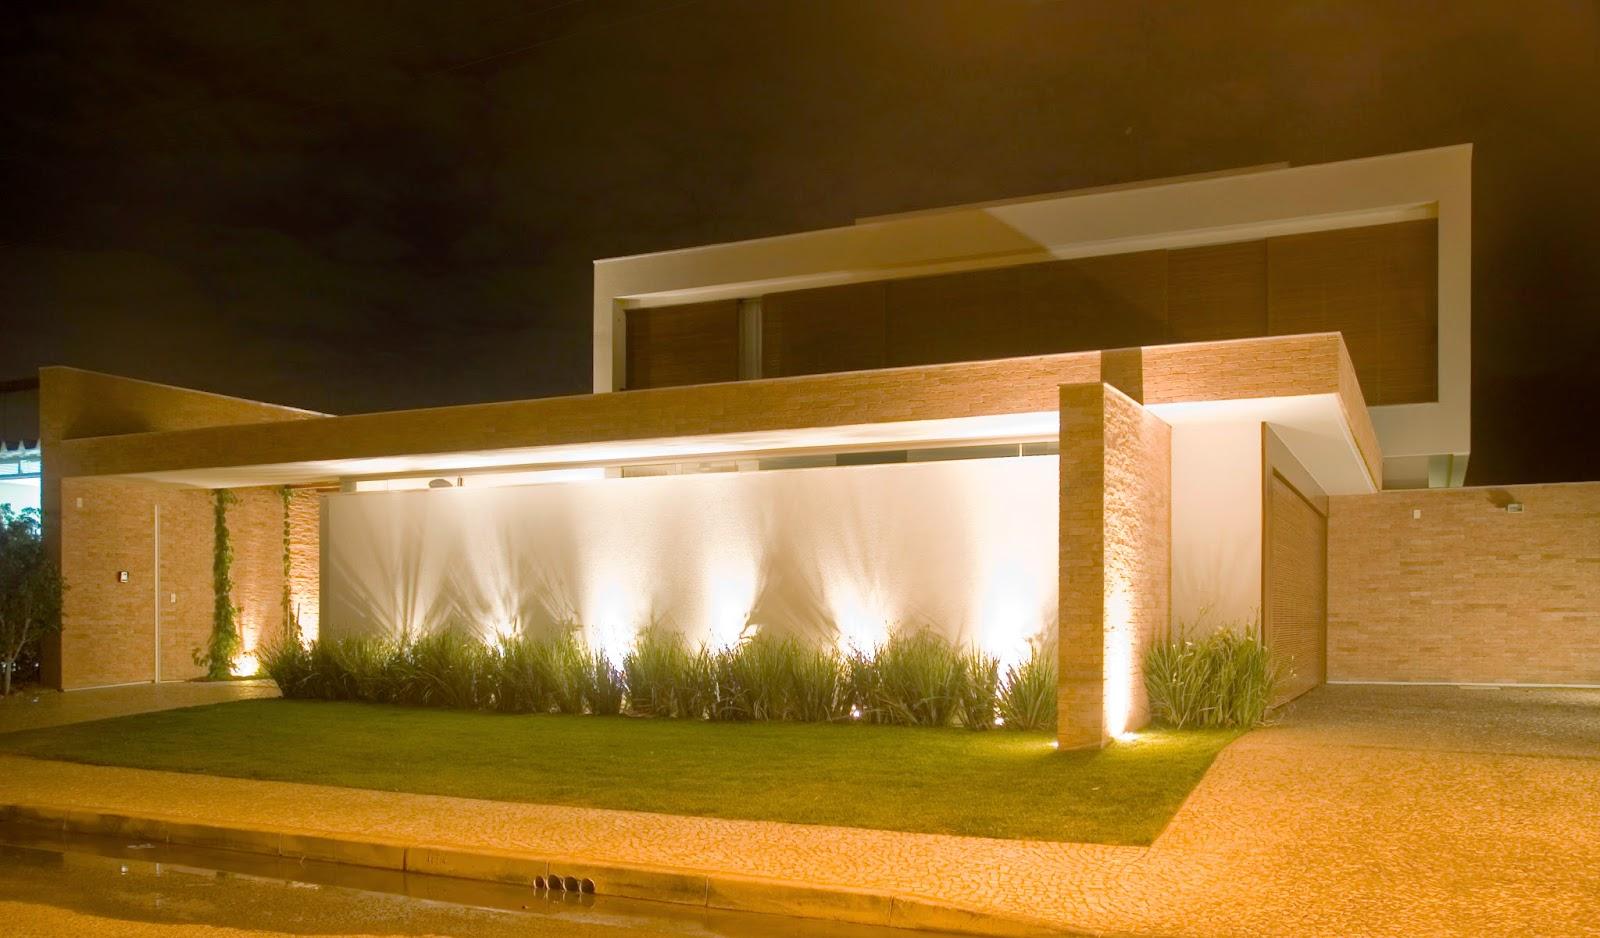 7 modelos de fachadas com jardim for Iluminar piso interior